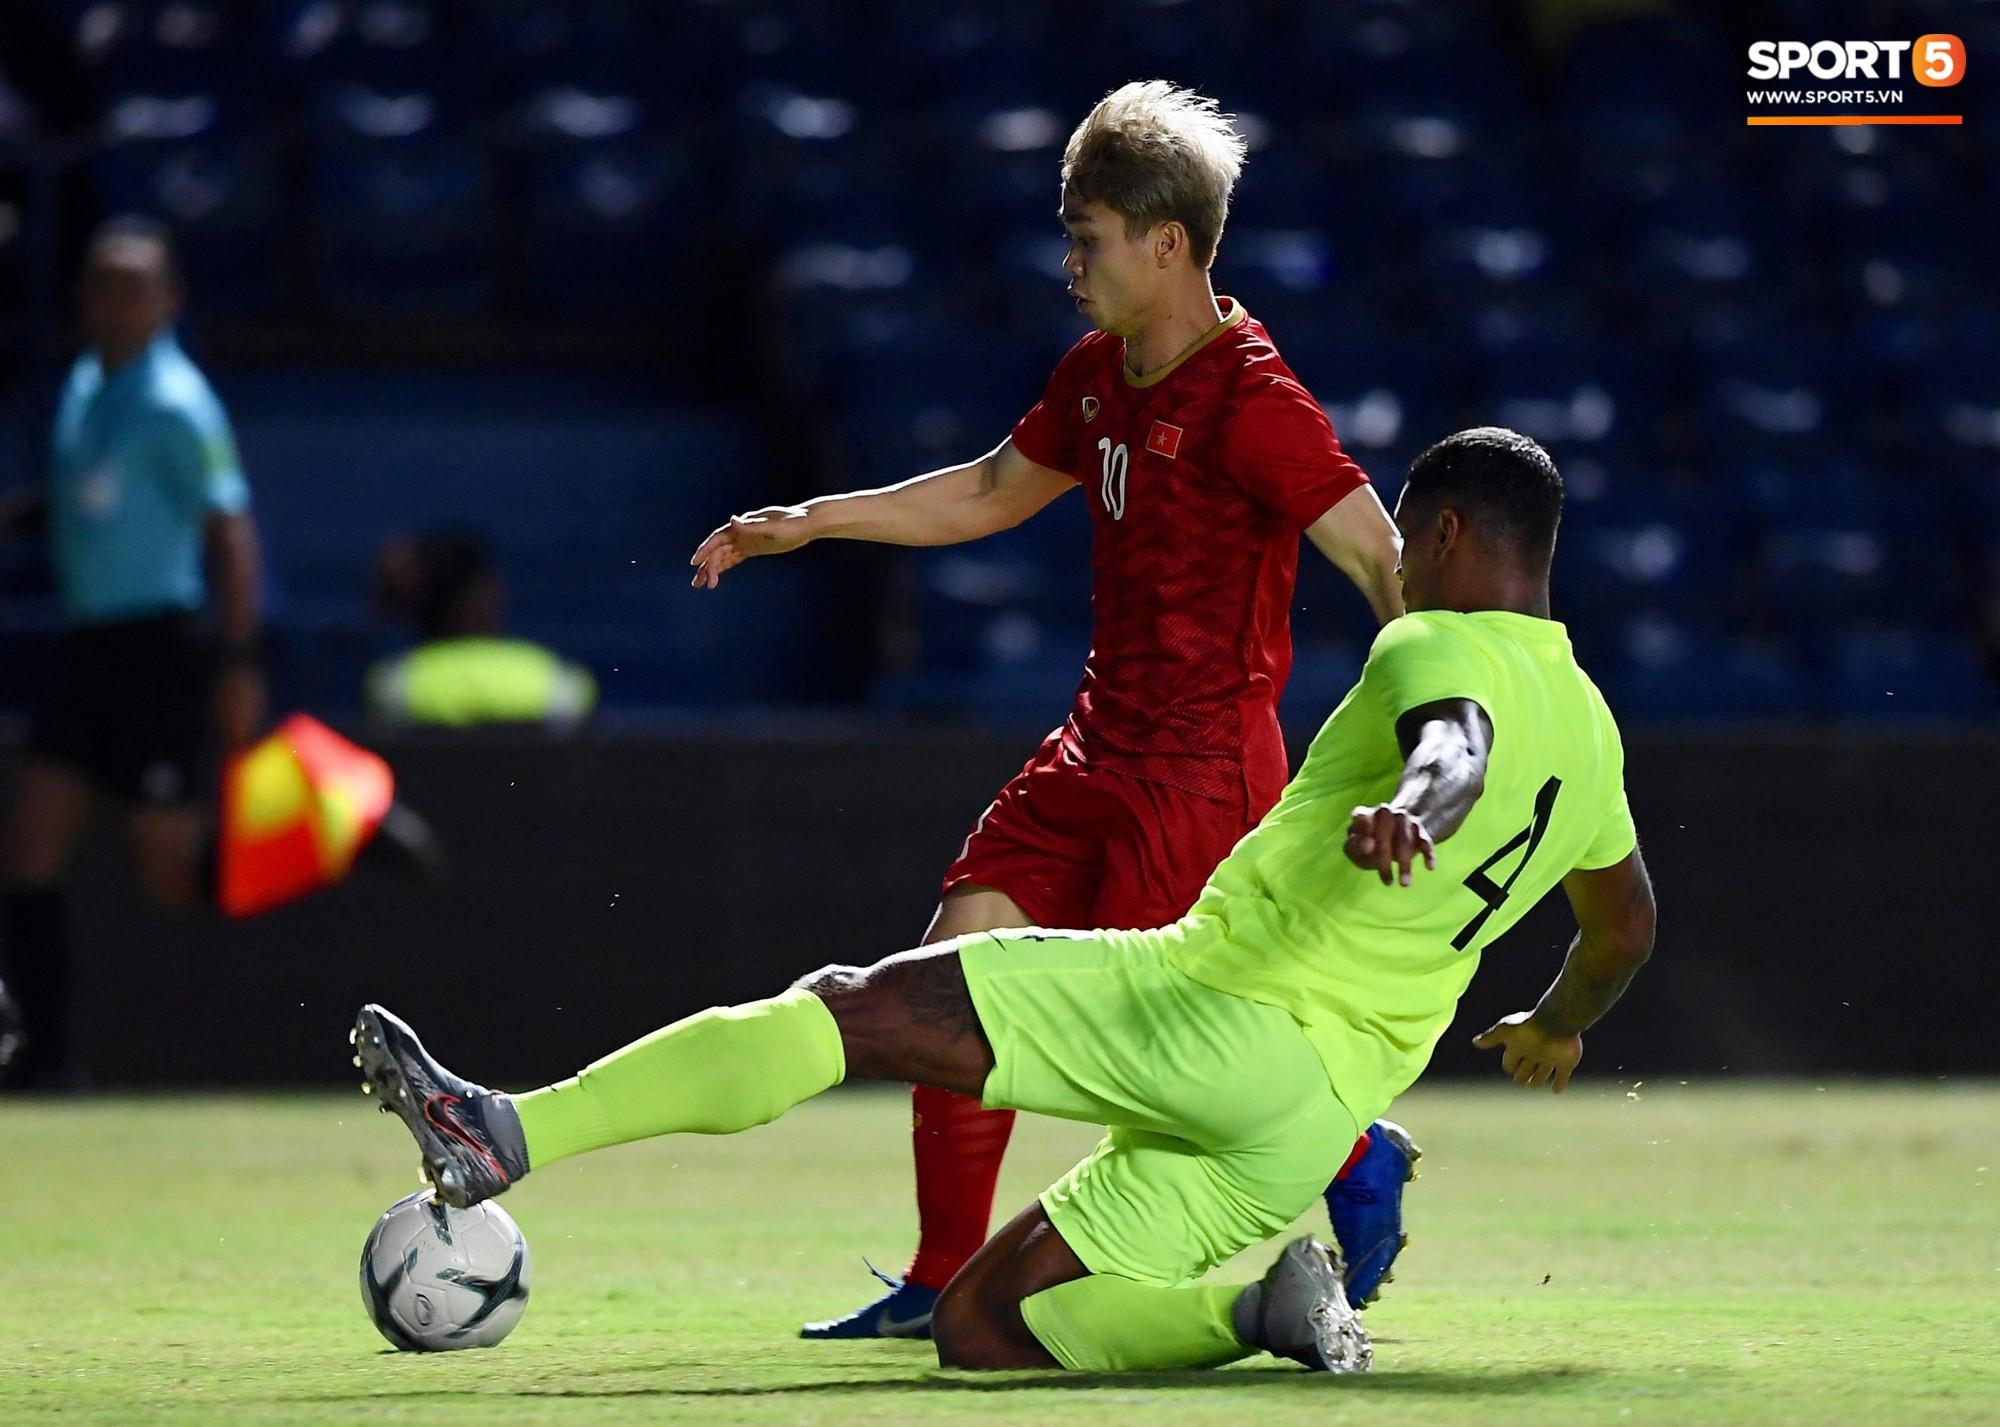 Hòa nghẹt thở đội từng dự World Cup bằng kết quả giống với Việt Nam, Curacao lập nên thành tích chưa từng có trong lịch sử - Ảnh 3.